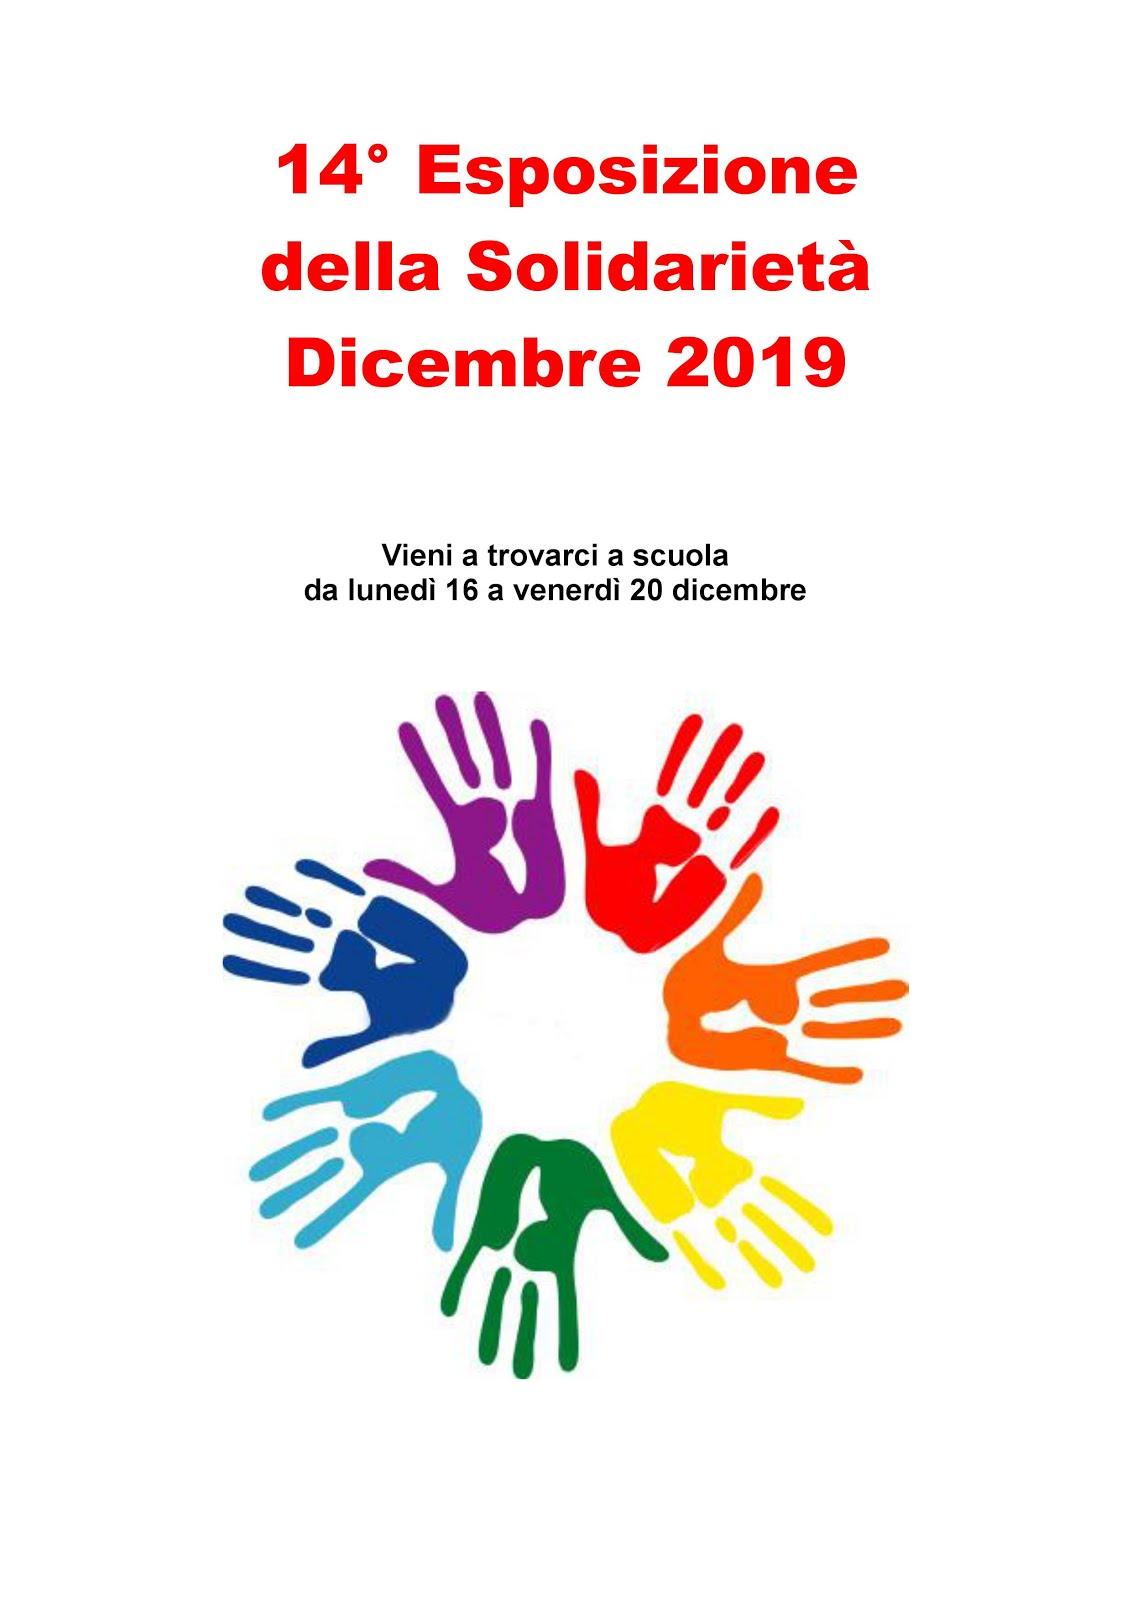 ESPOSIZIONE DELLA SOLIDARIETA' 2019